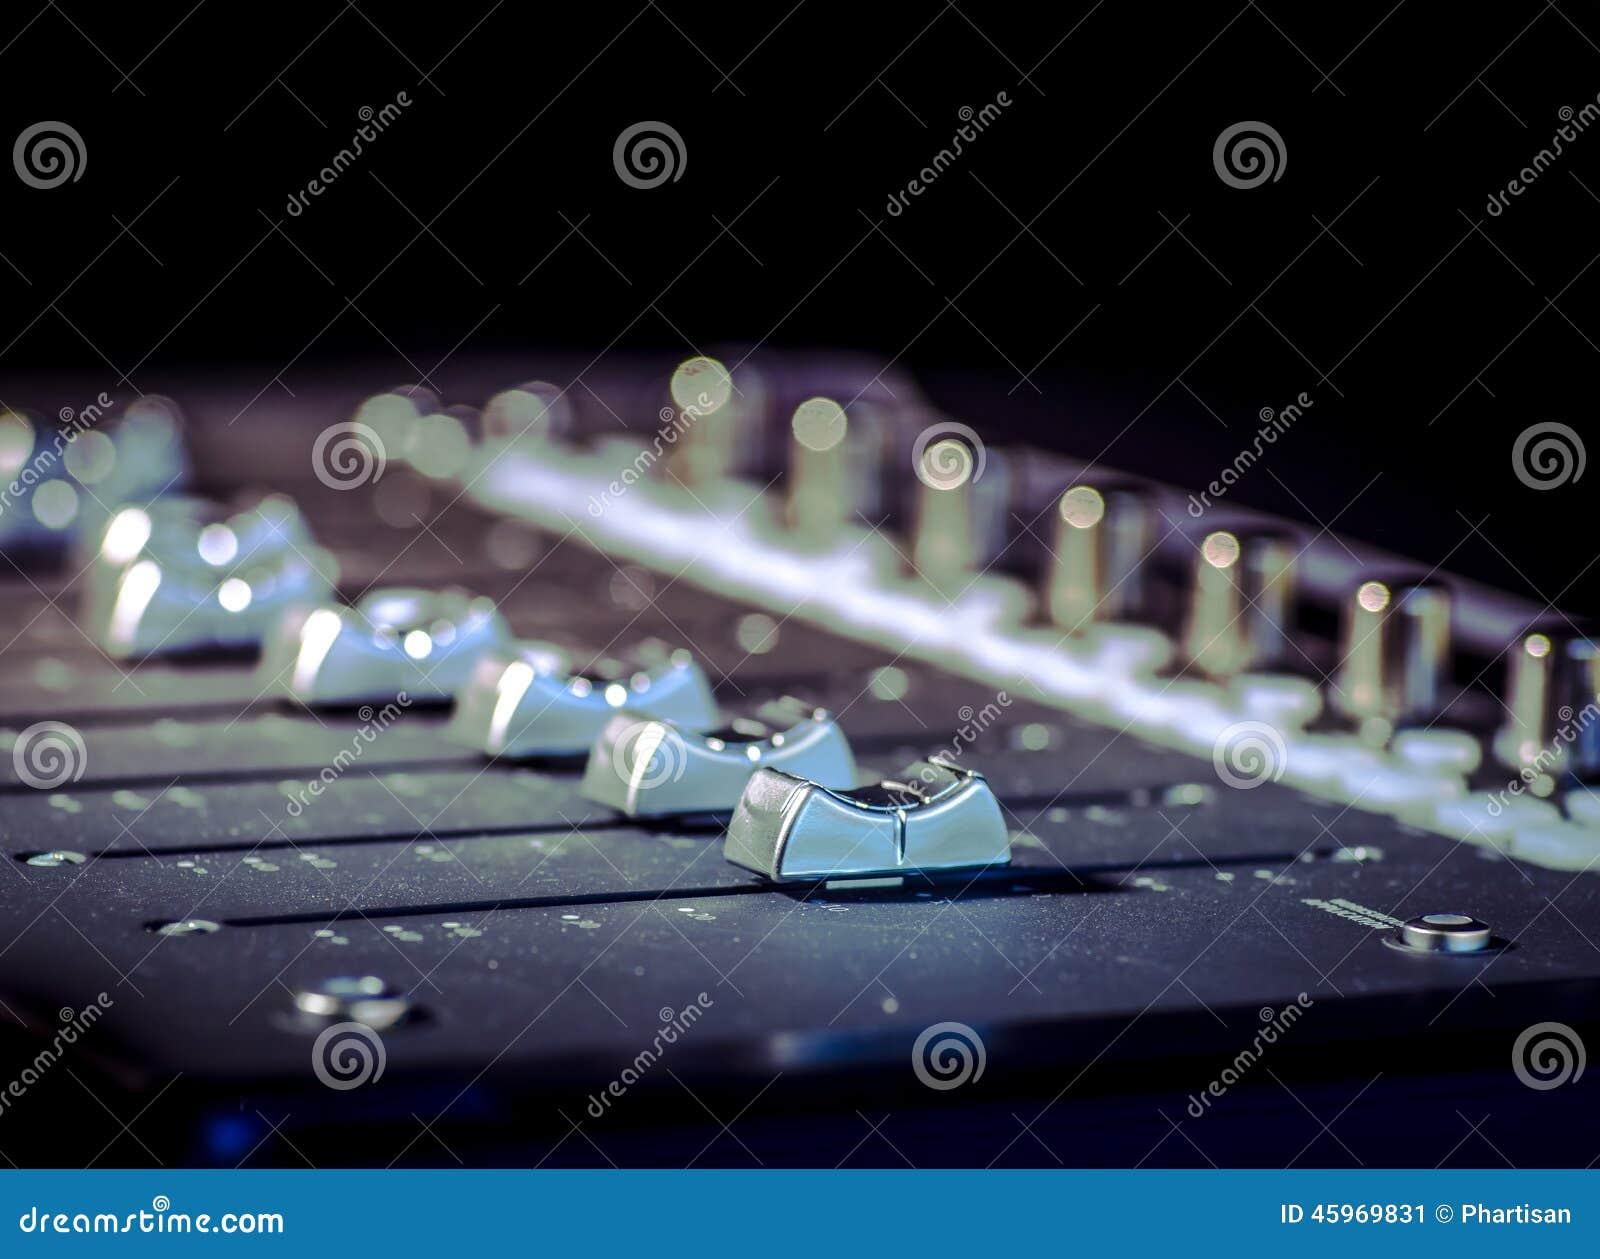 Slideres do estúdio do som da música da gravação